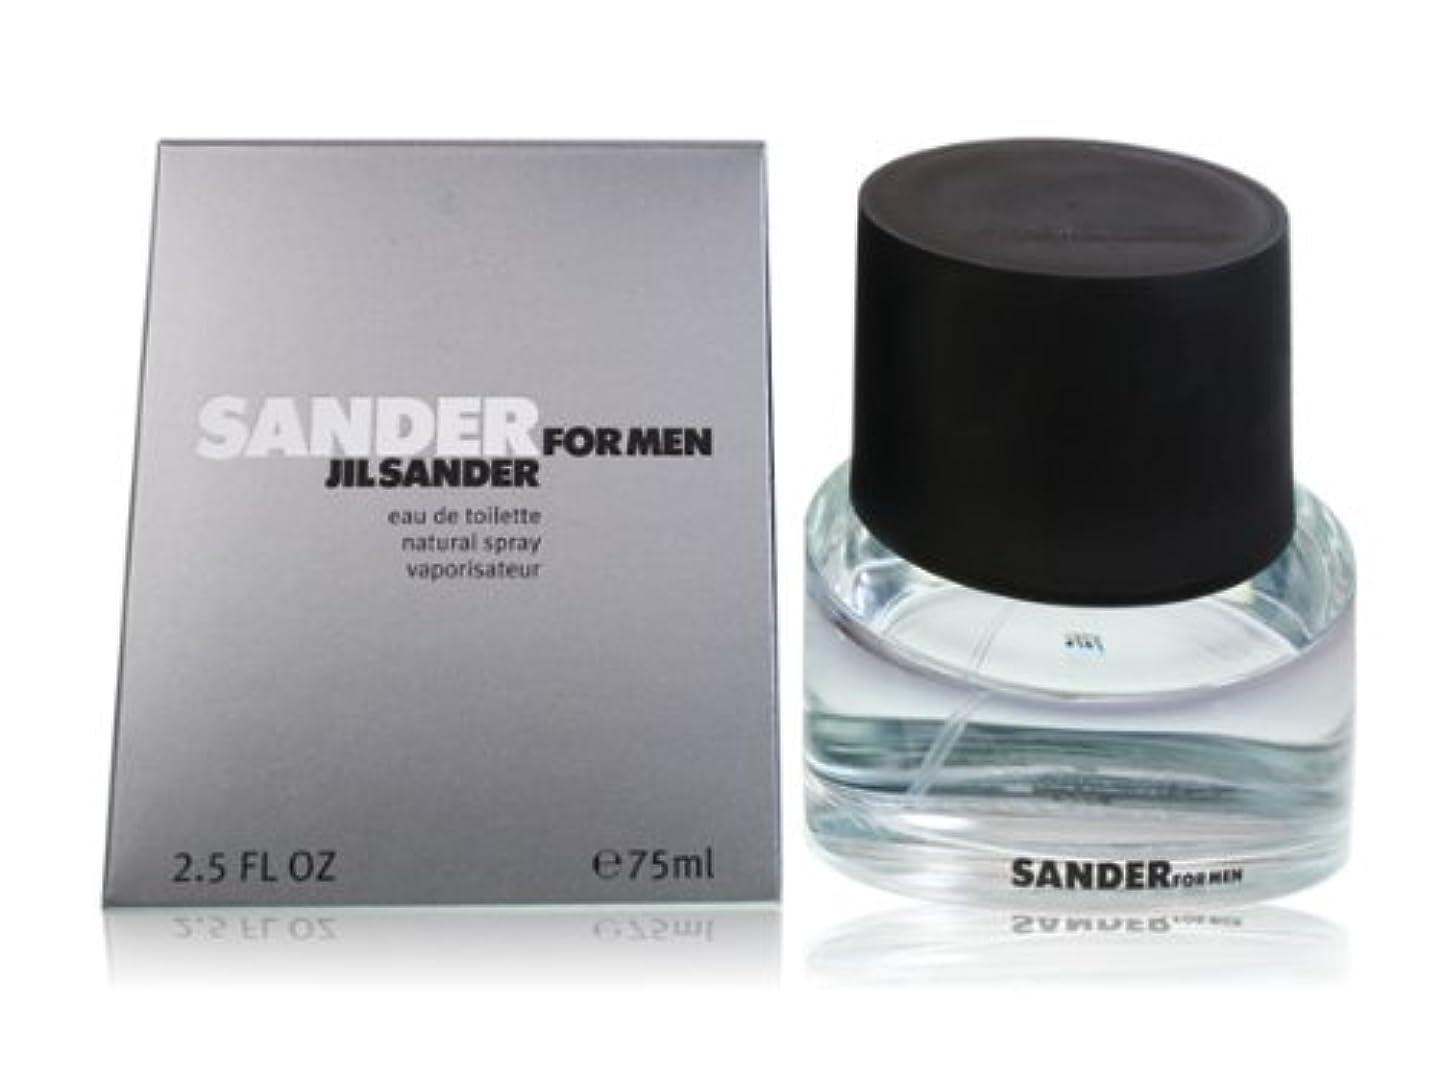 カセット雇用者振りかけるジル サンダー サンダー フォーメン オードトワレ 75ml メンズ 香水 ジルサンダー